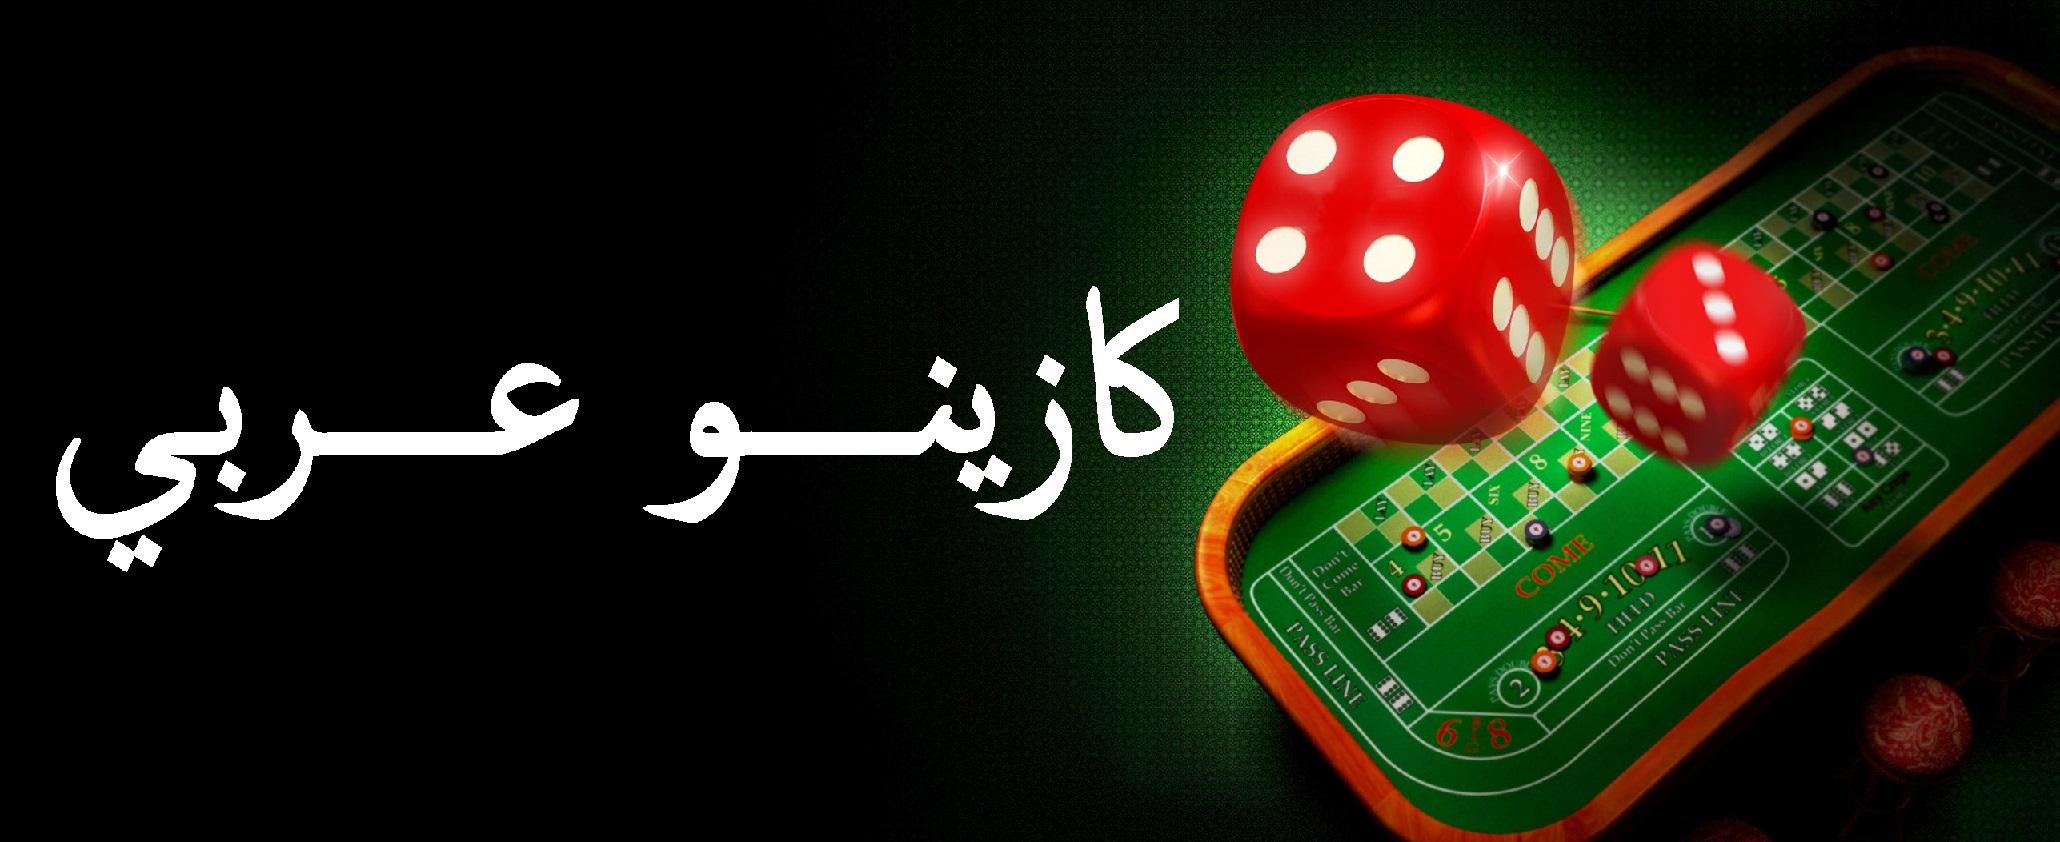 قواعد لعبة البينجو 769850